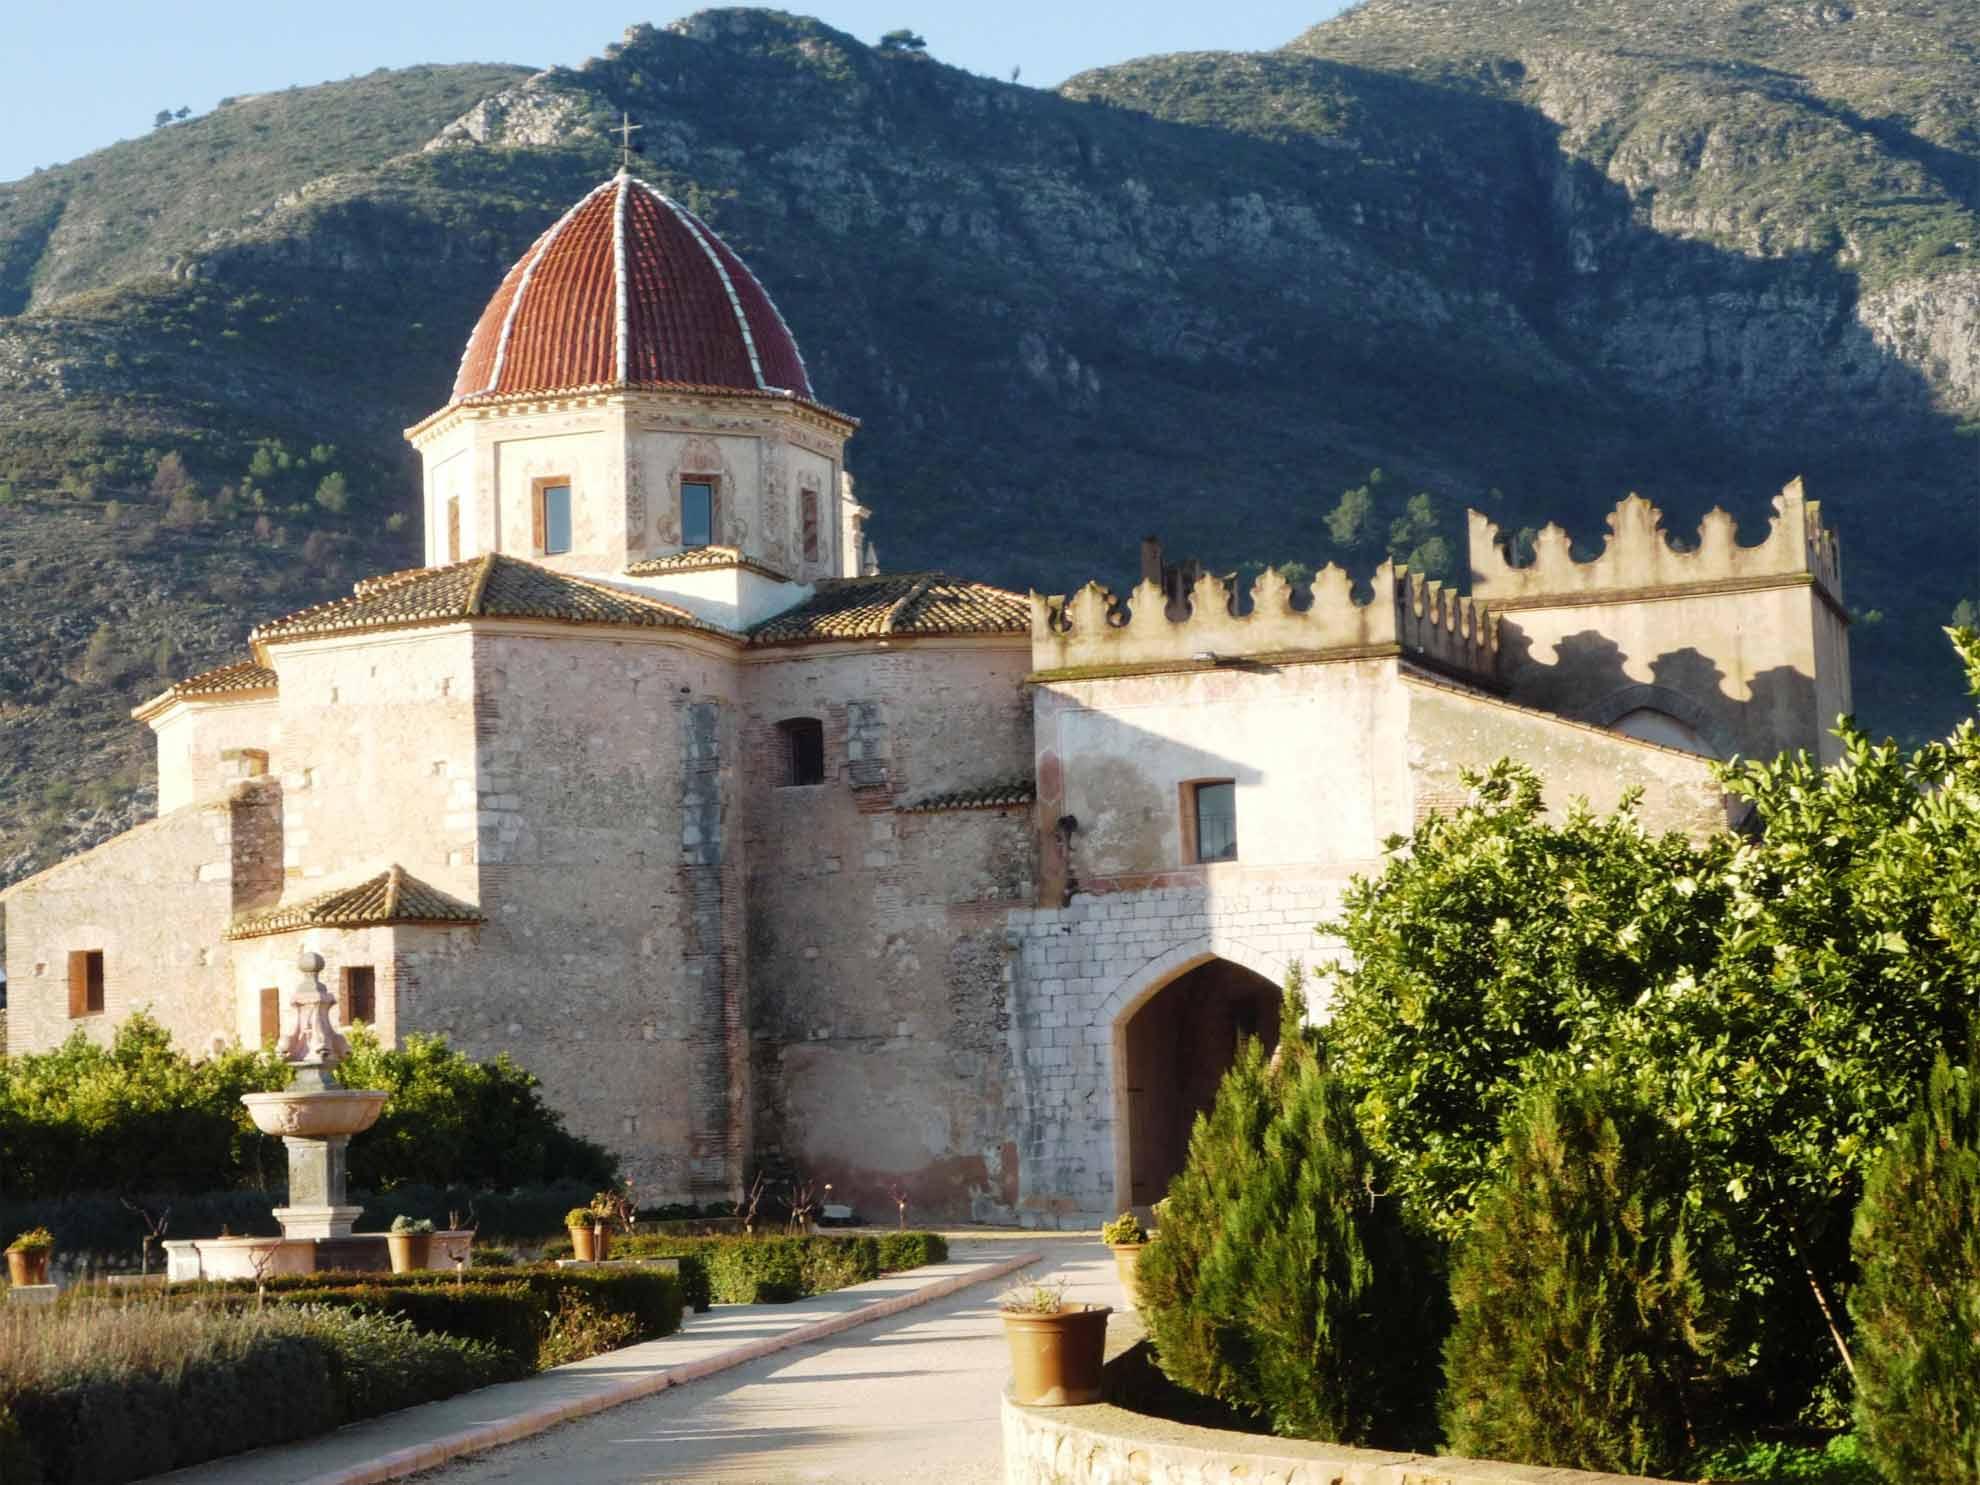 Monasterios de valencia la ruta gr 236 de alzira a gandia - Hoteles en alzira valencia ...